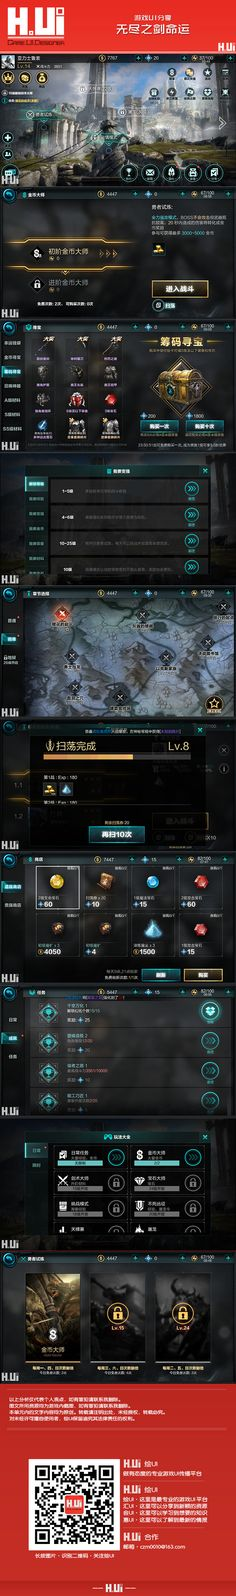 无尽之剑命运 手游 #游戏UI# 绘UI... More